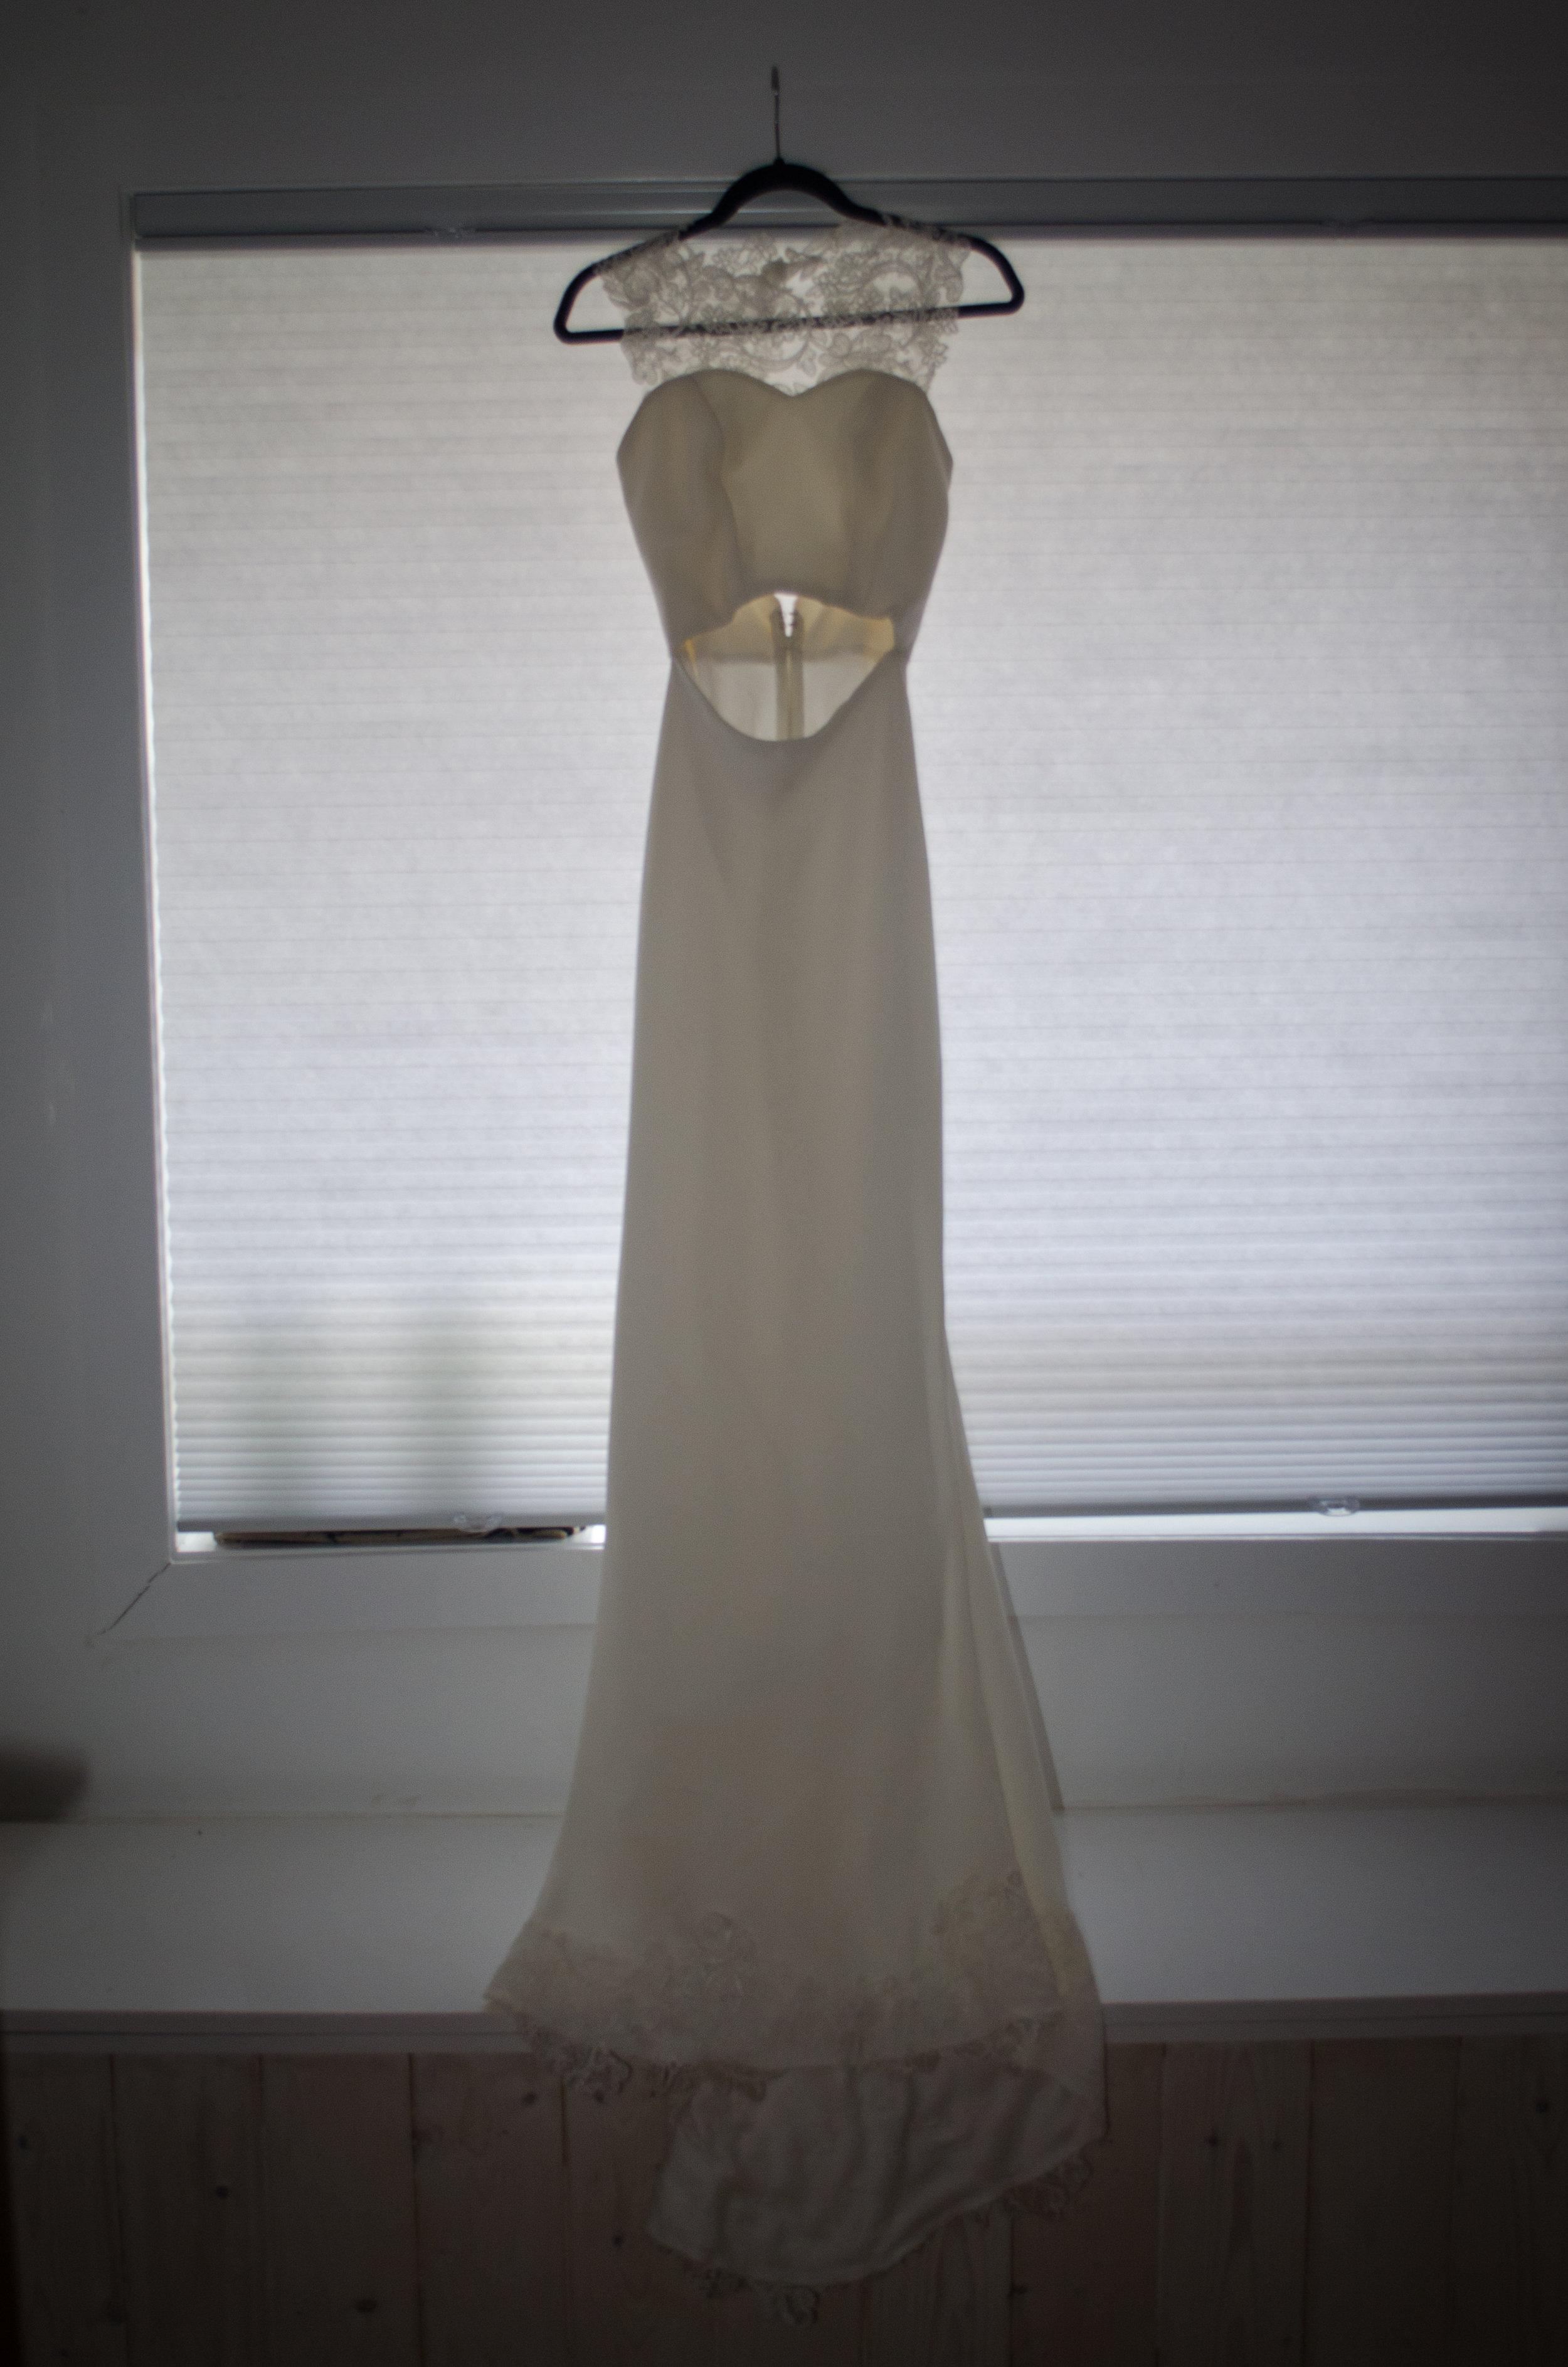 Dress on hanger